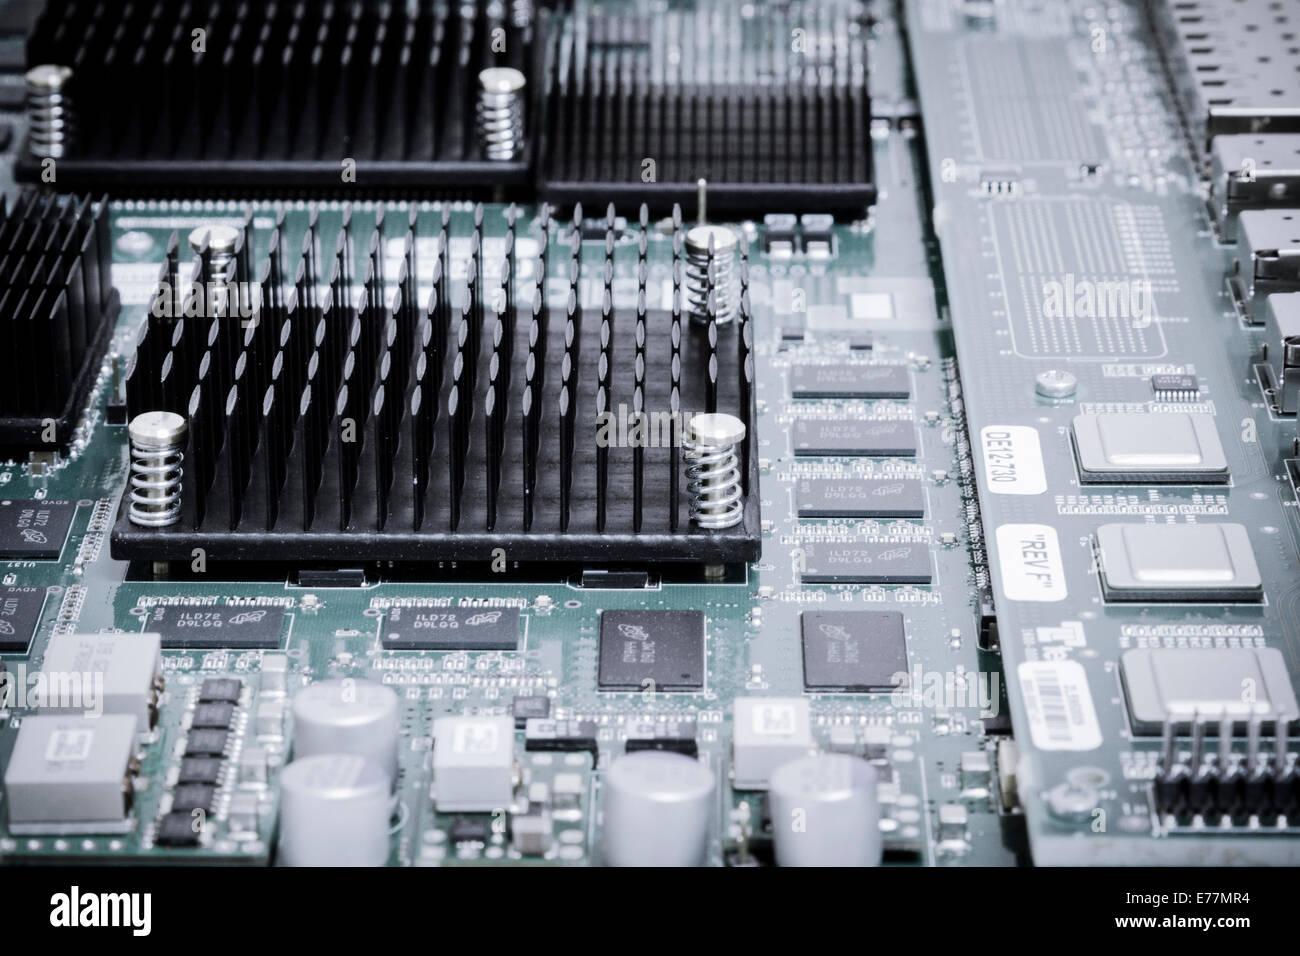 Platine eines leistungsstarken Server-Computers mit Chips, Kondensatoren und Kühlkörper sichtbar Stockbild